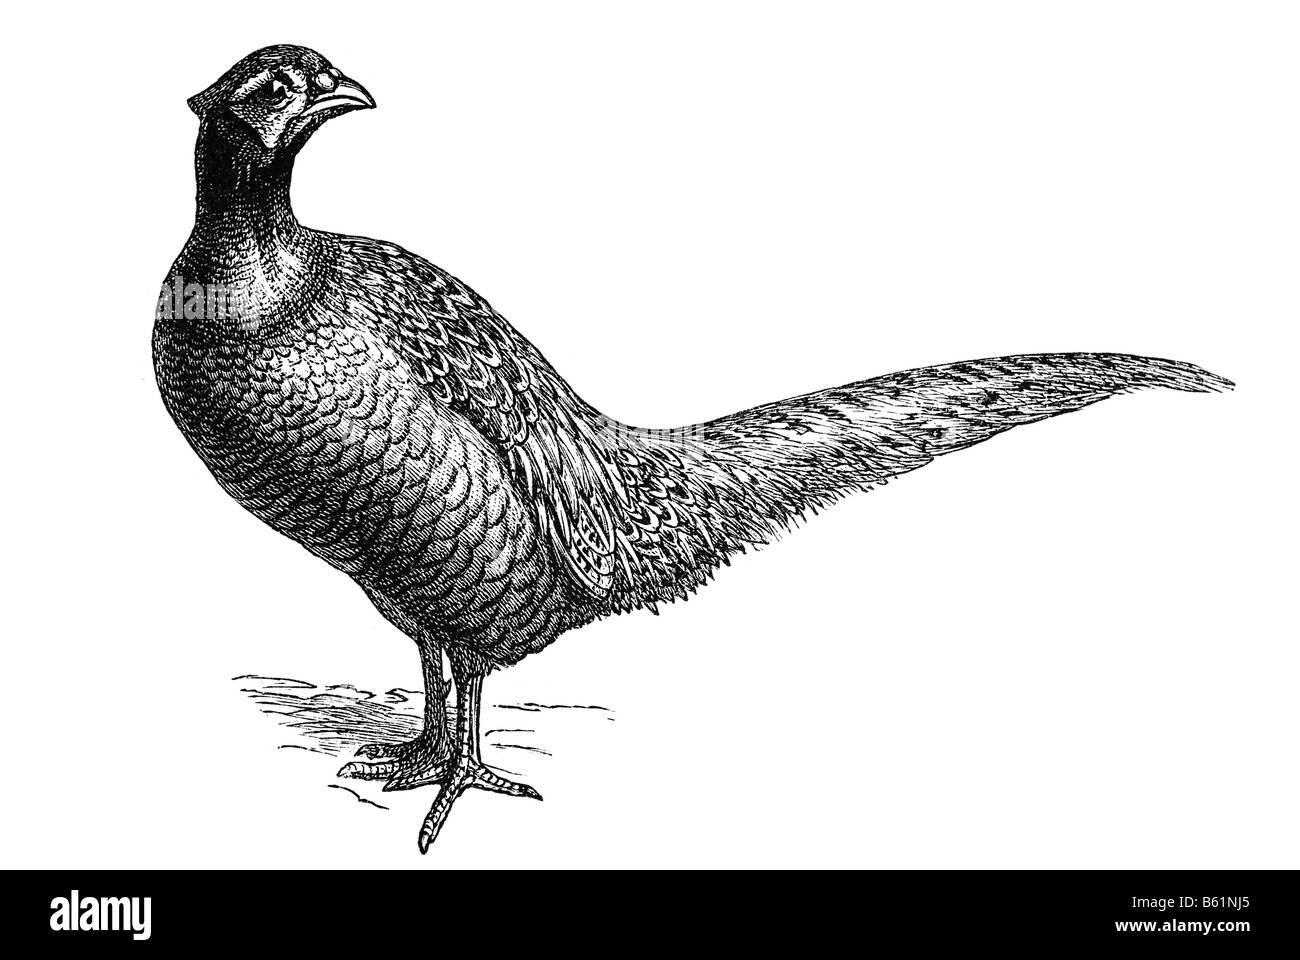 Common Pheasant (Phasianus colchicus) - Stock Image